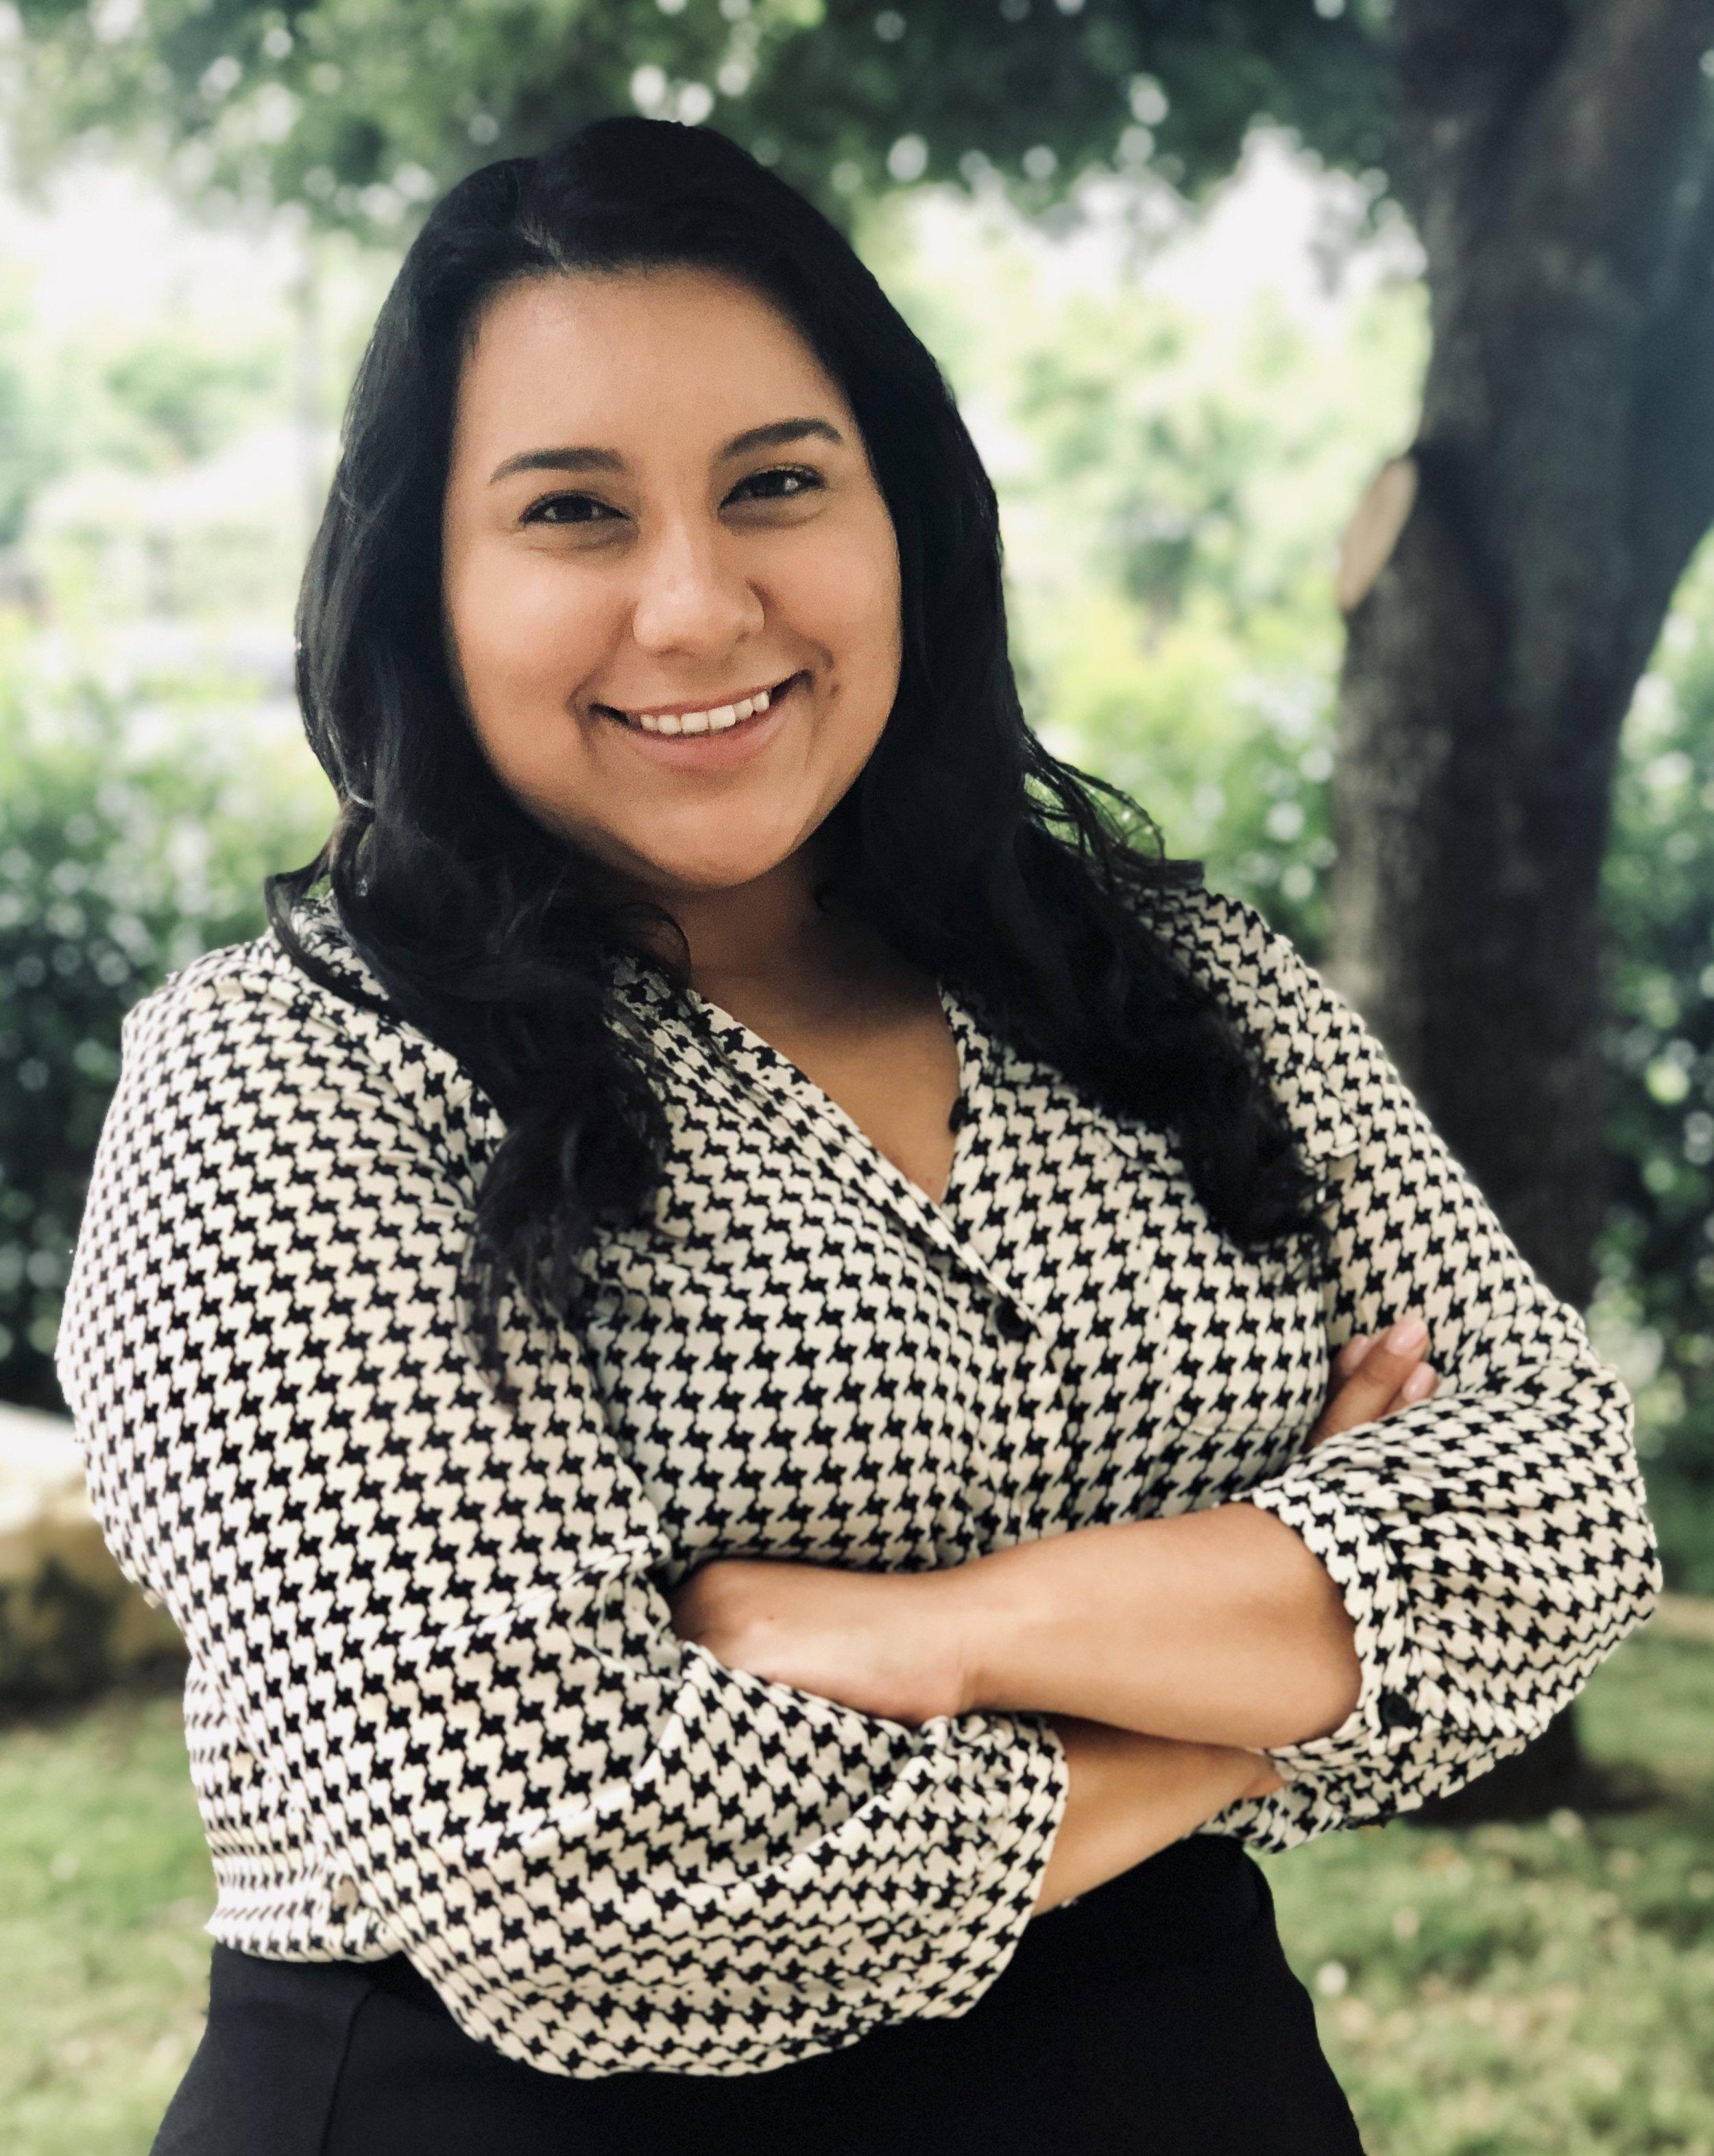 Angelica Portillo